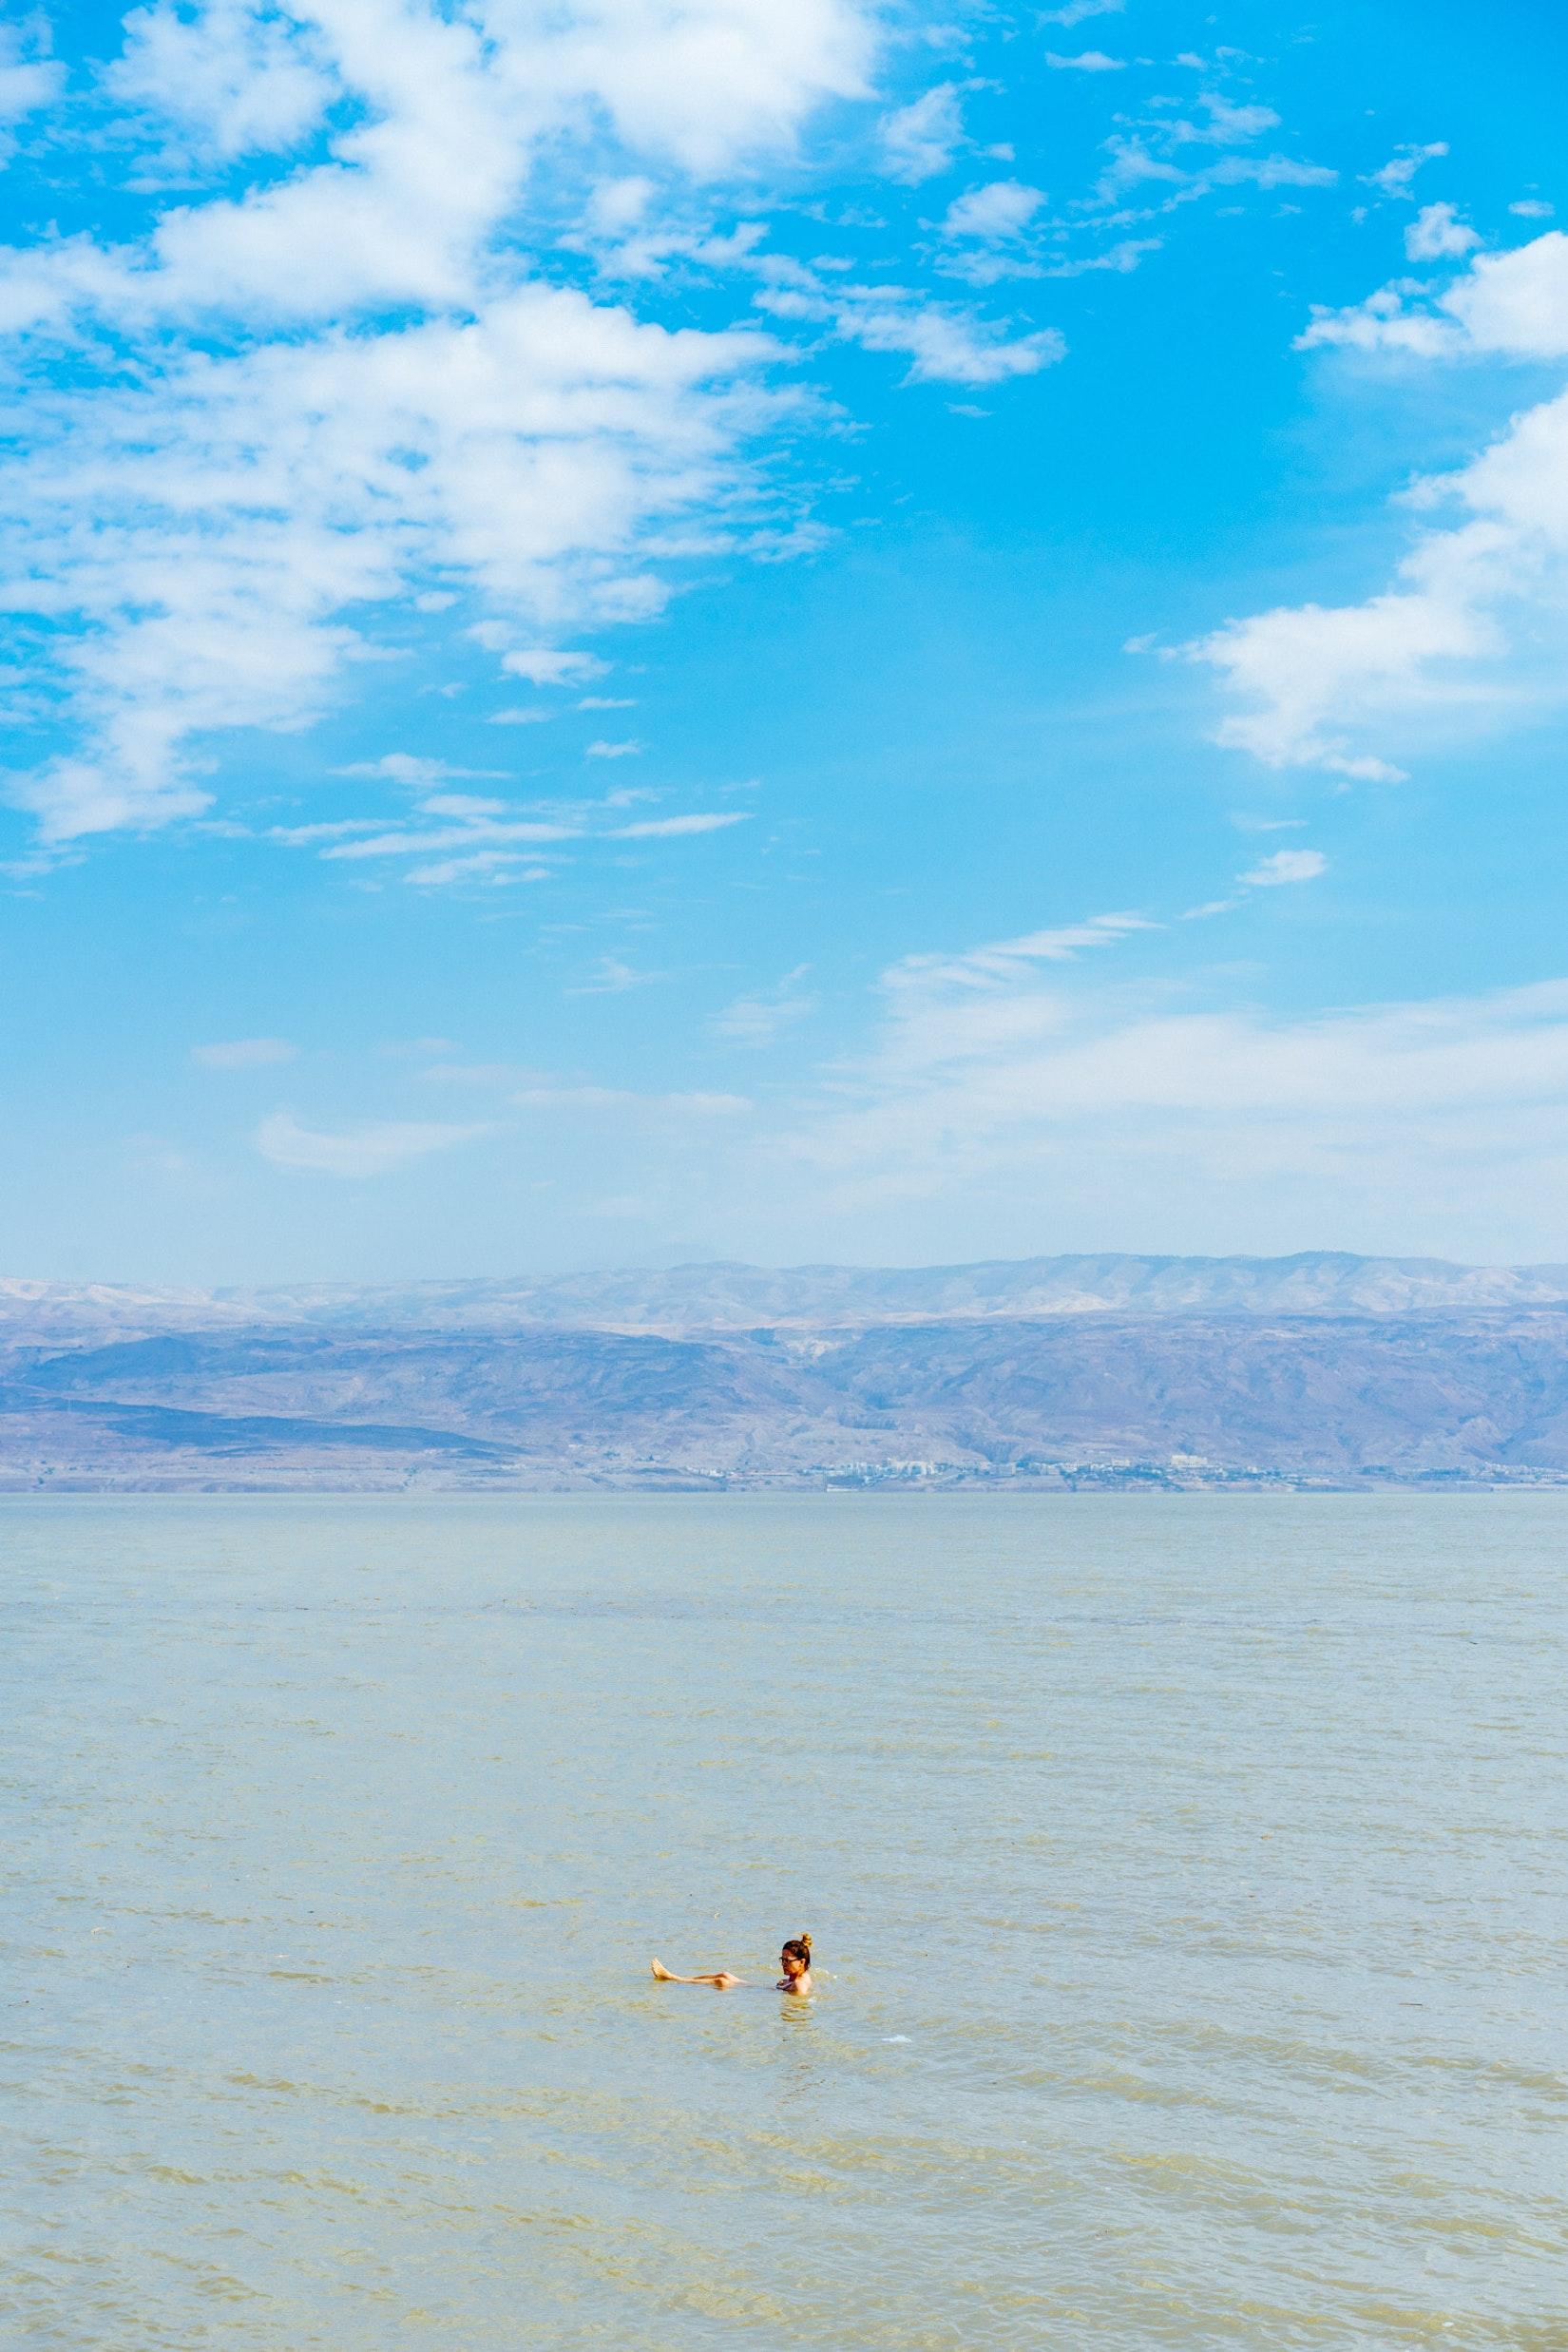 Someone swimming in the Dead Sea